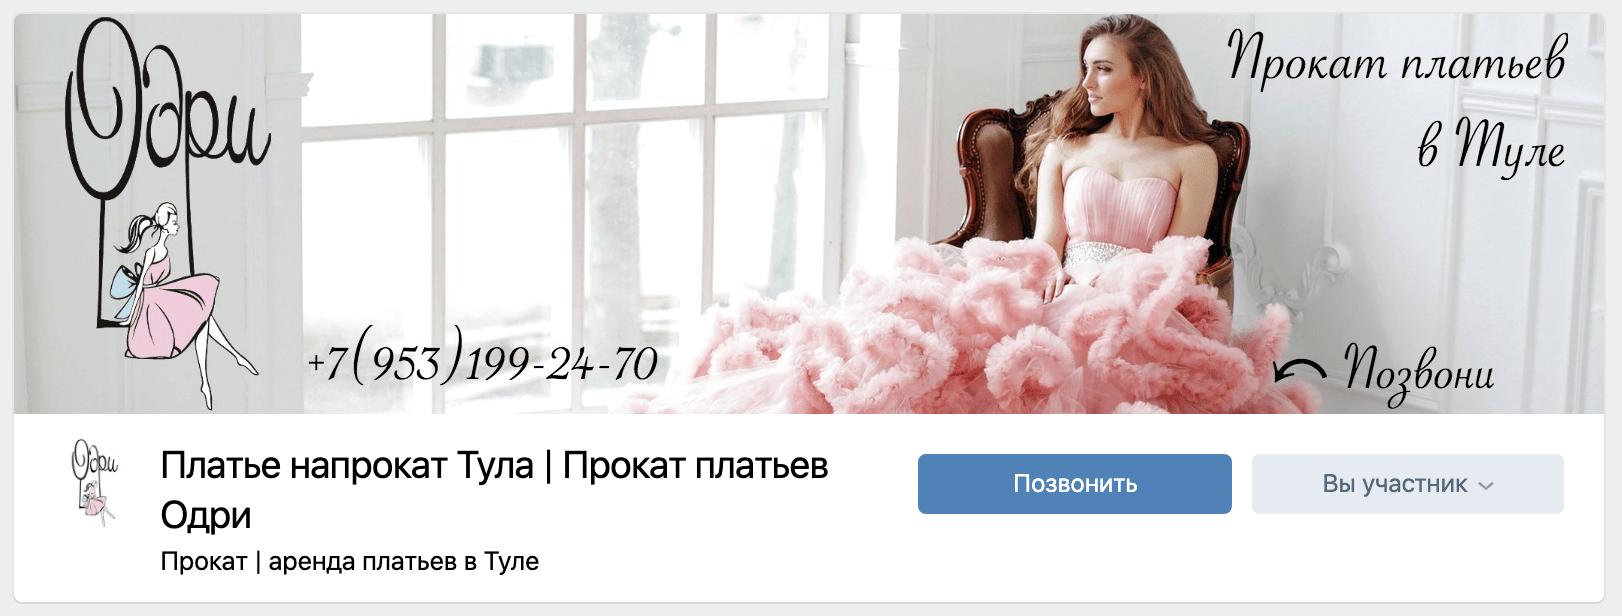 Прокат платьев Вконтакте